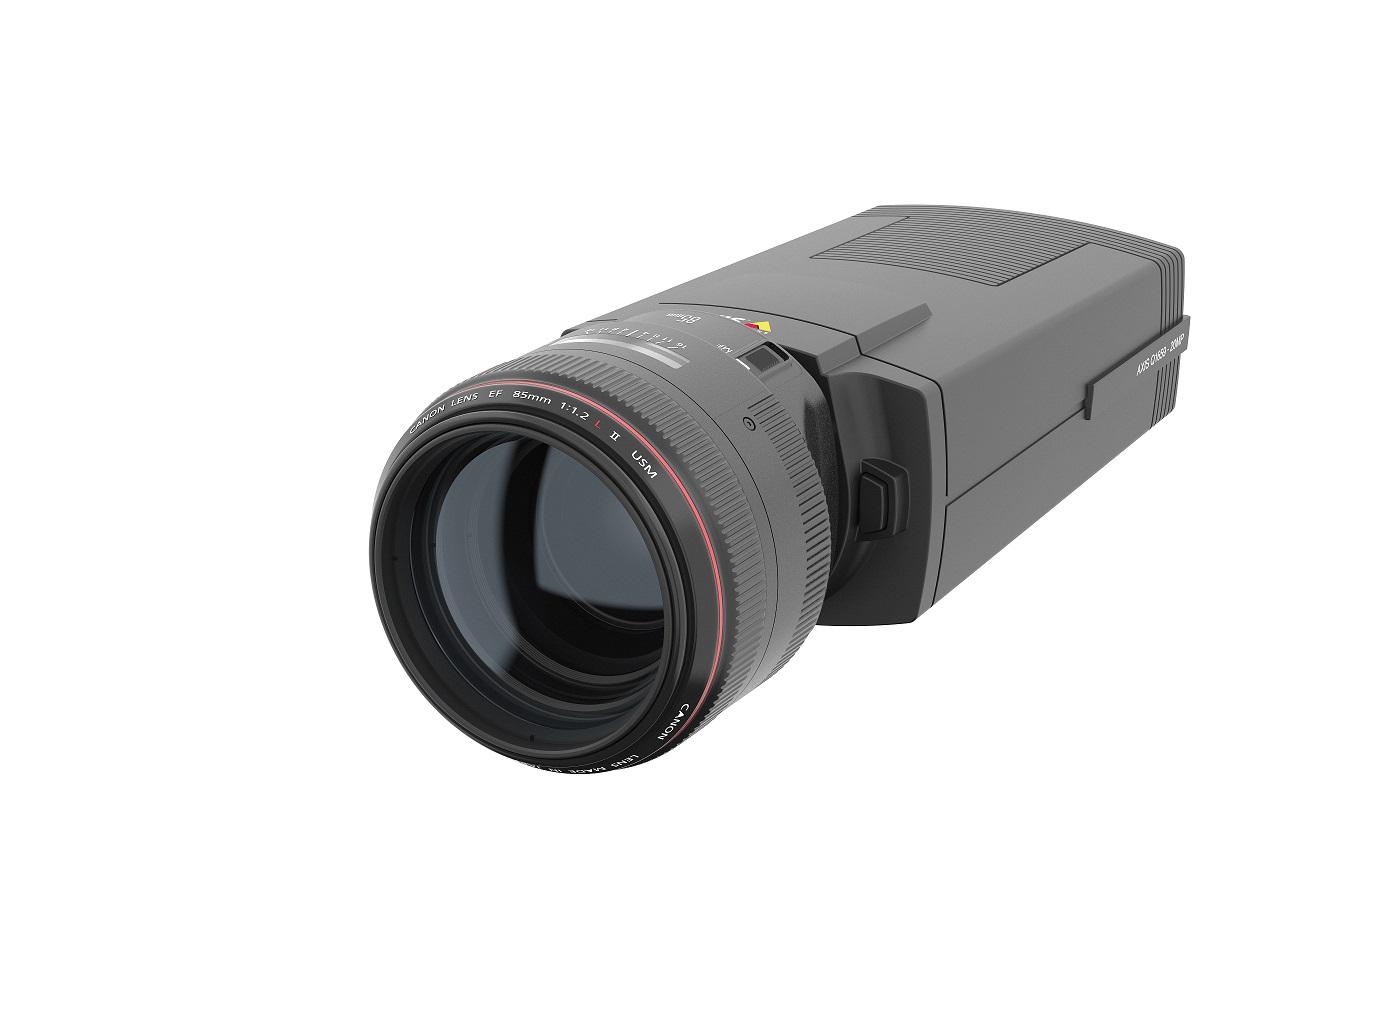 Axis şi Canon stabilesc noi puncte de referinţă în industria de supraveghere video